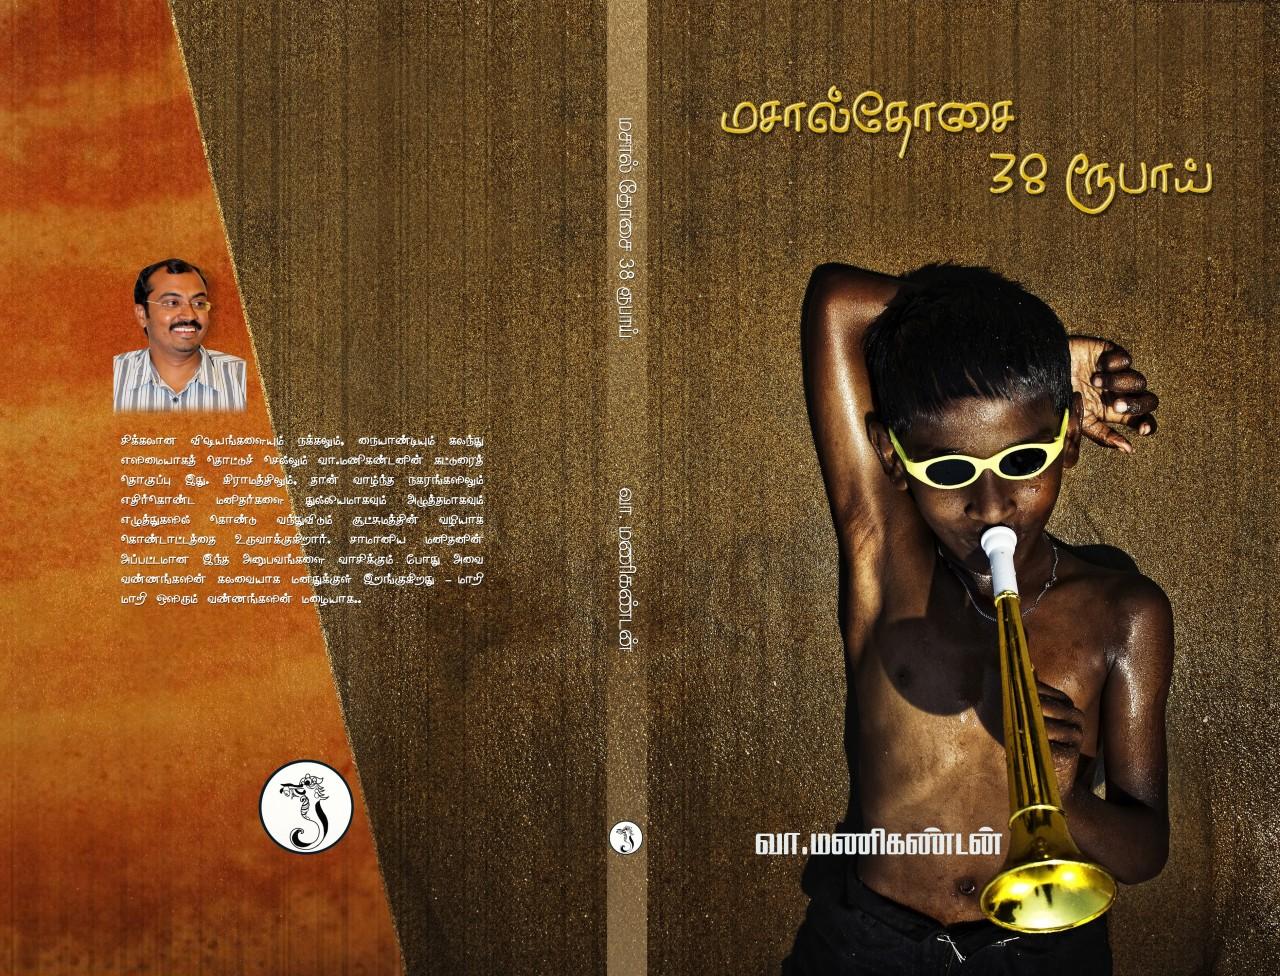 Tamil book Masala Dosai 38 Rs